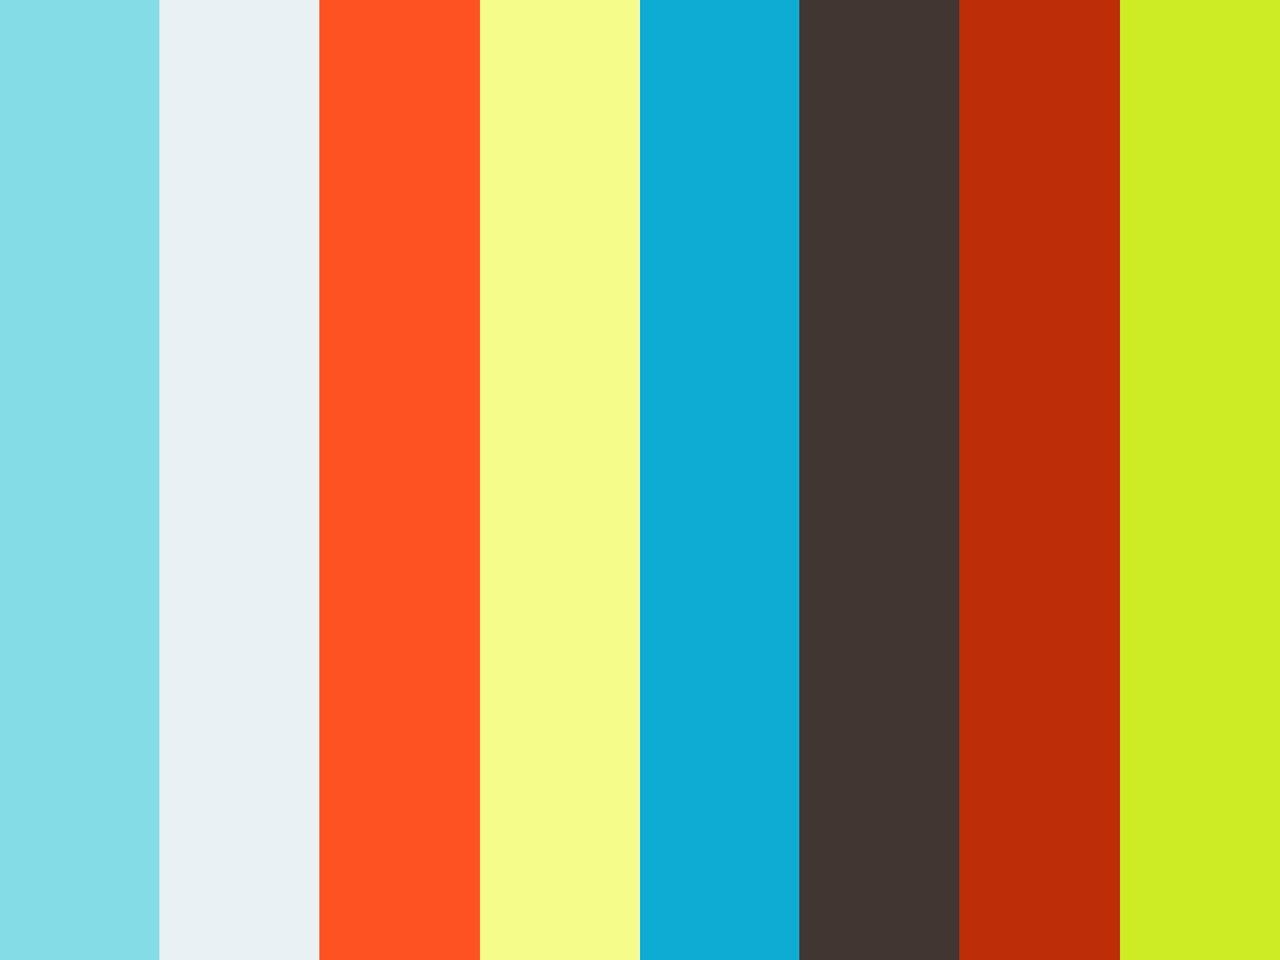 Chaotic Lines - VJ Loop Pack (4in1)